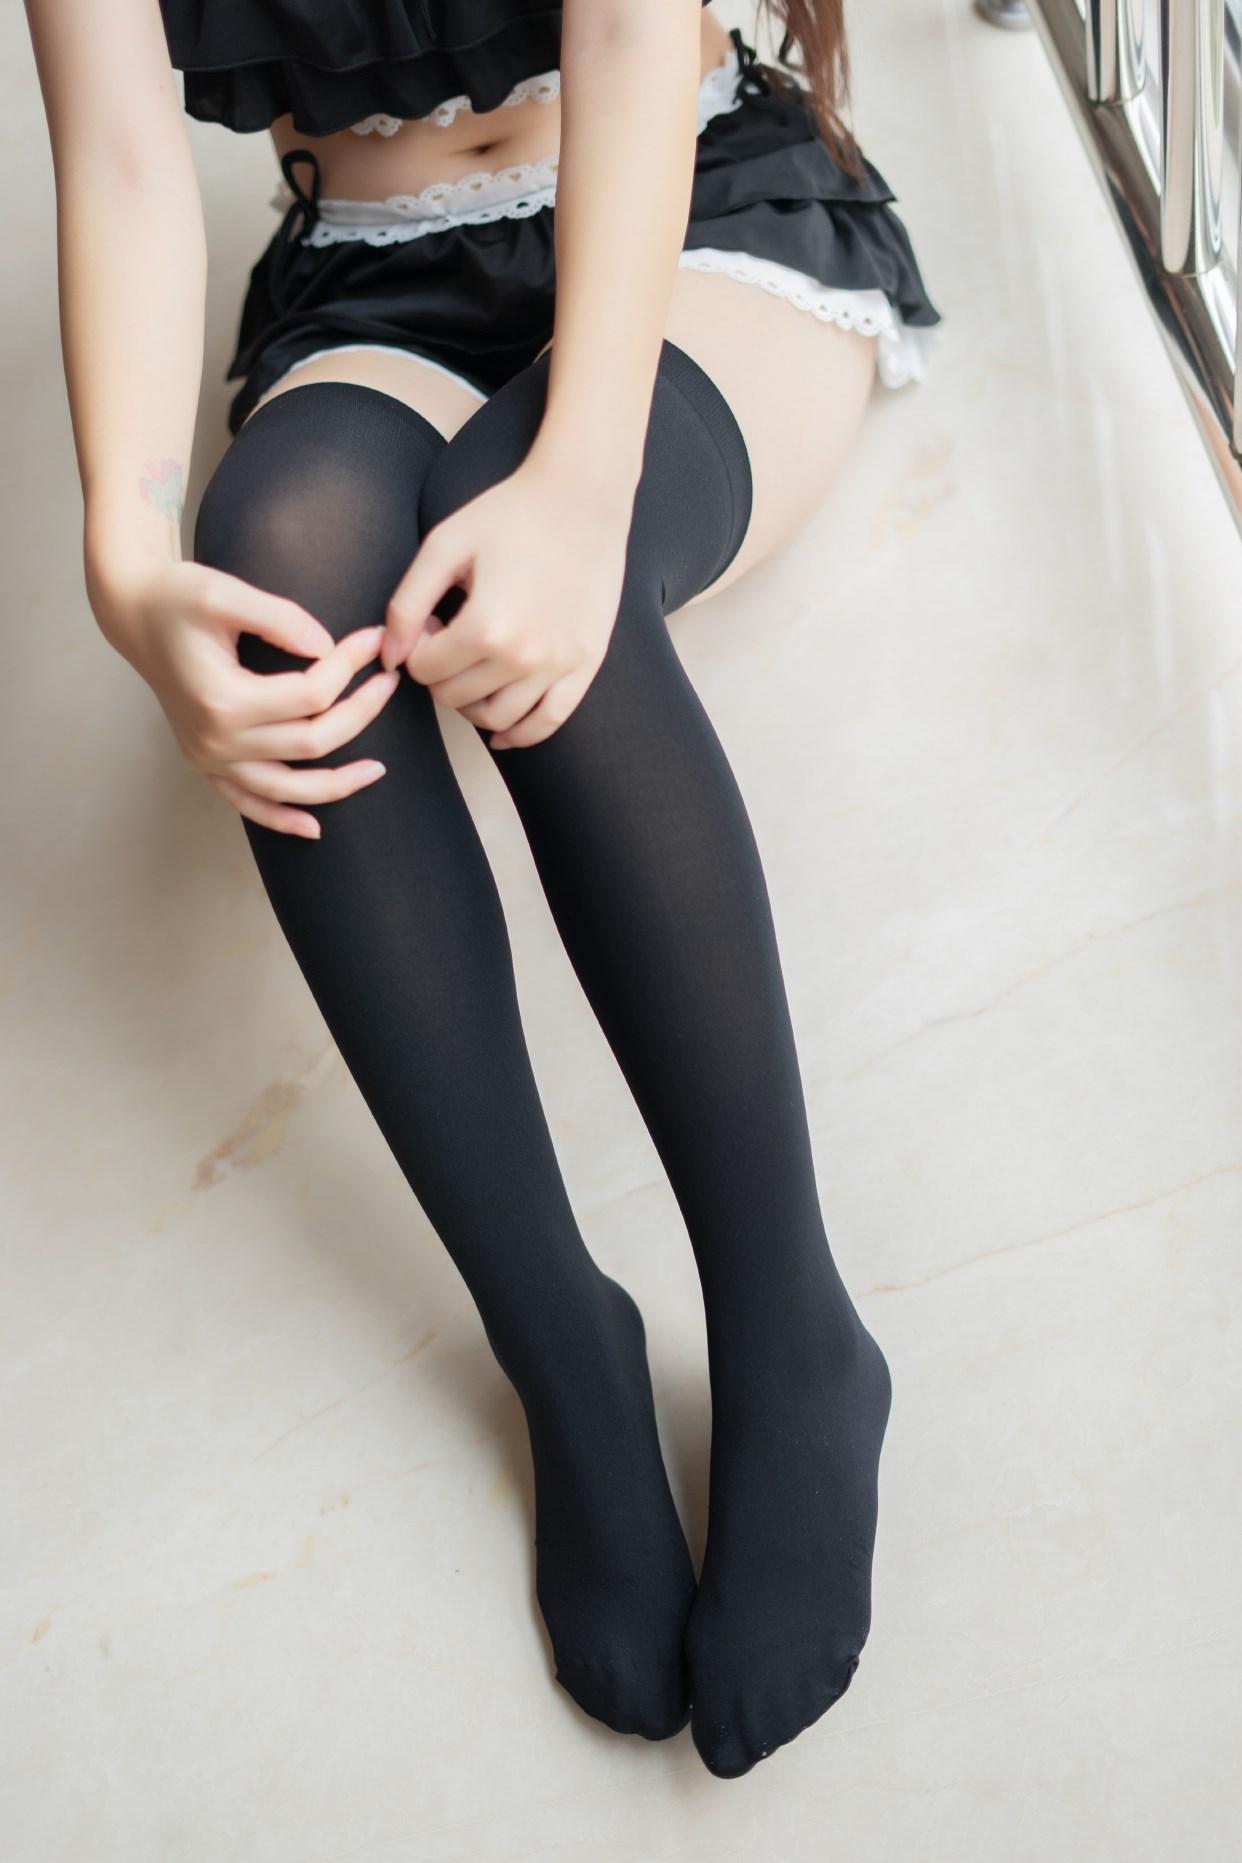 【兔玩映画】黑色分体泳衣 兔玩映画 第16张